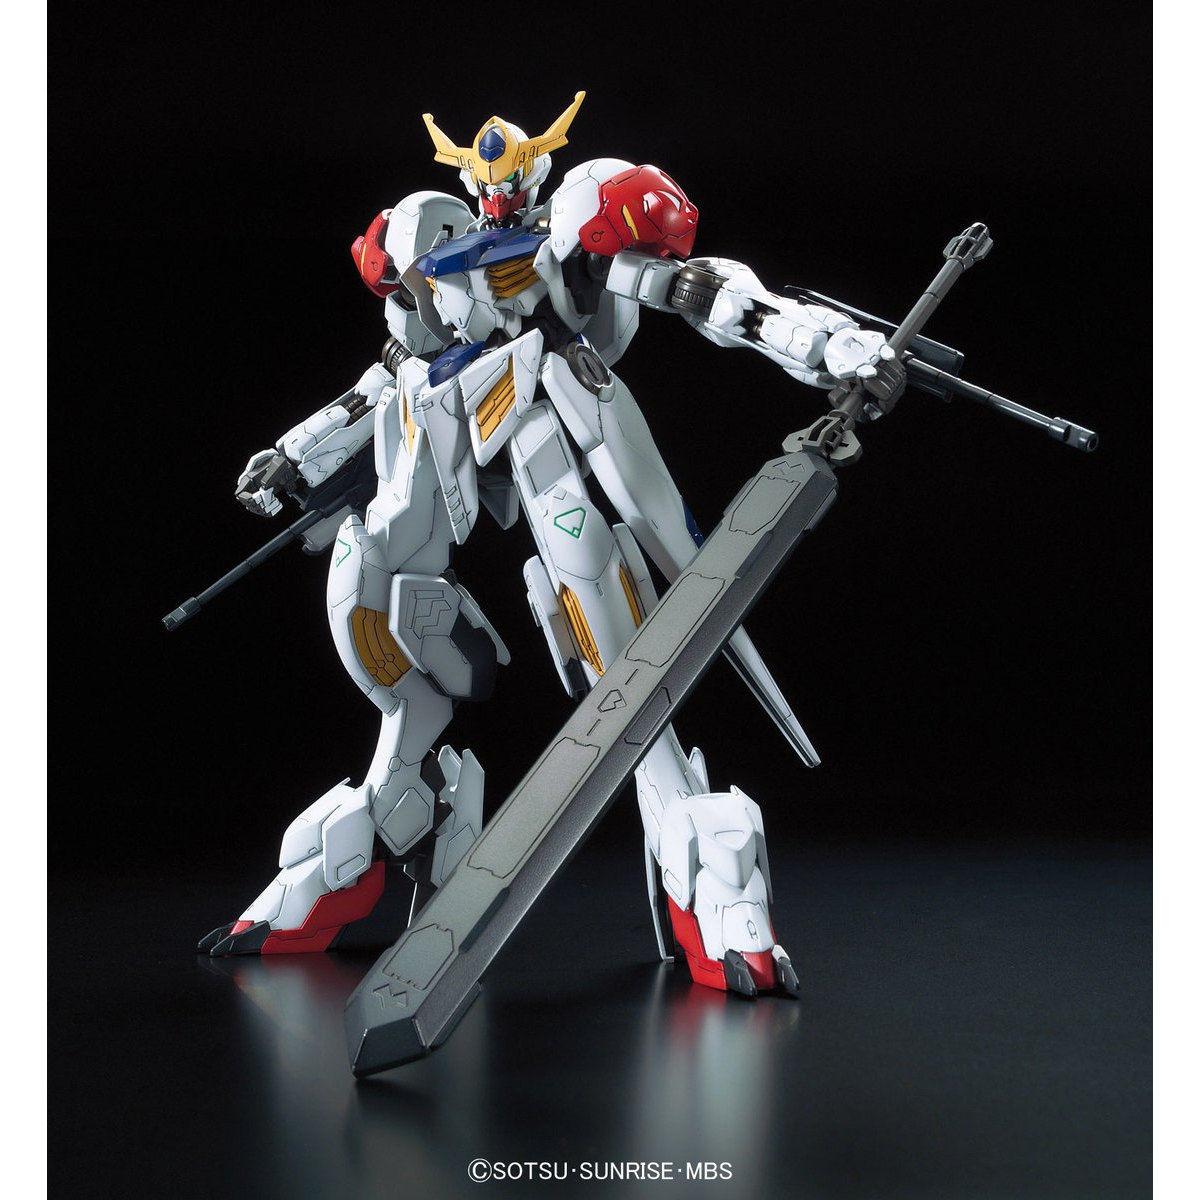 フルメカニクス 001 1/100 ASW-G-08 ガンダムバルバトスルプス [Gundam Barbatos] 0211951 5056825